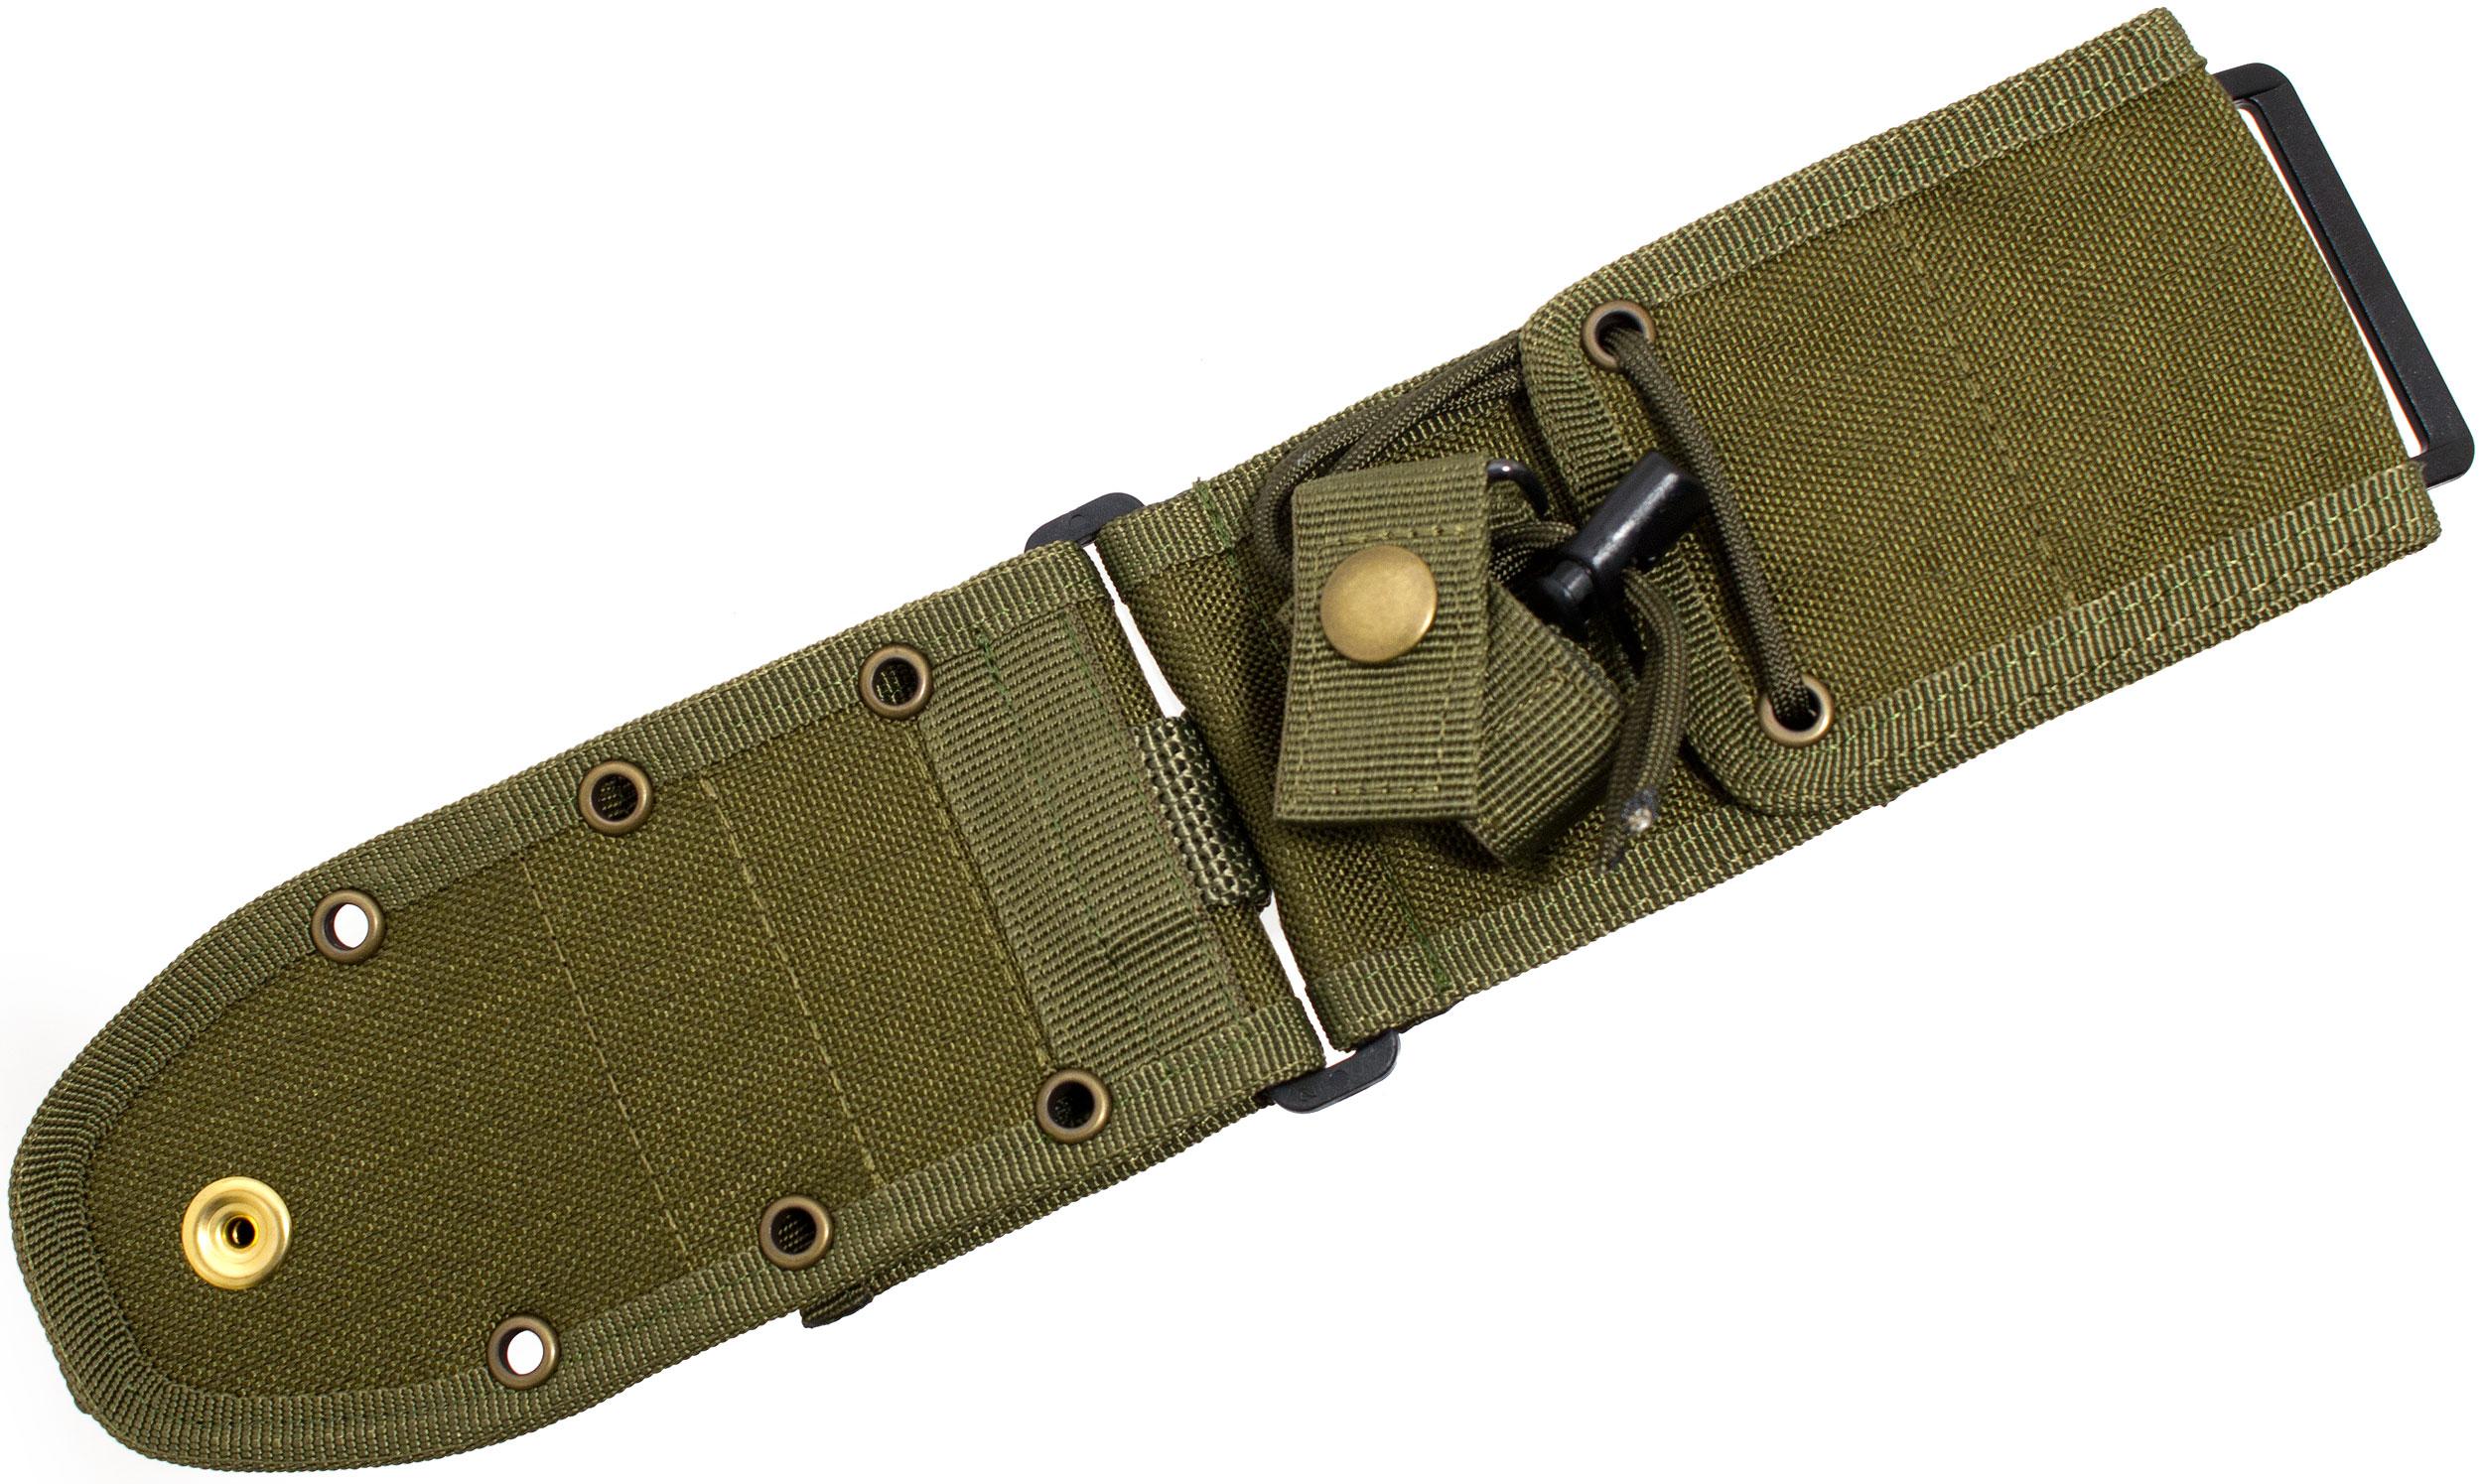 ESEE Knives ESEE-52-MB-OD MOLLE Back Sheath for ESEE-5, ESEE-6, Laser Strike, Olive Drab